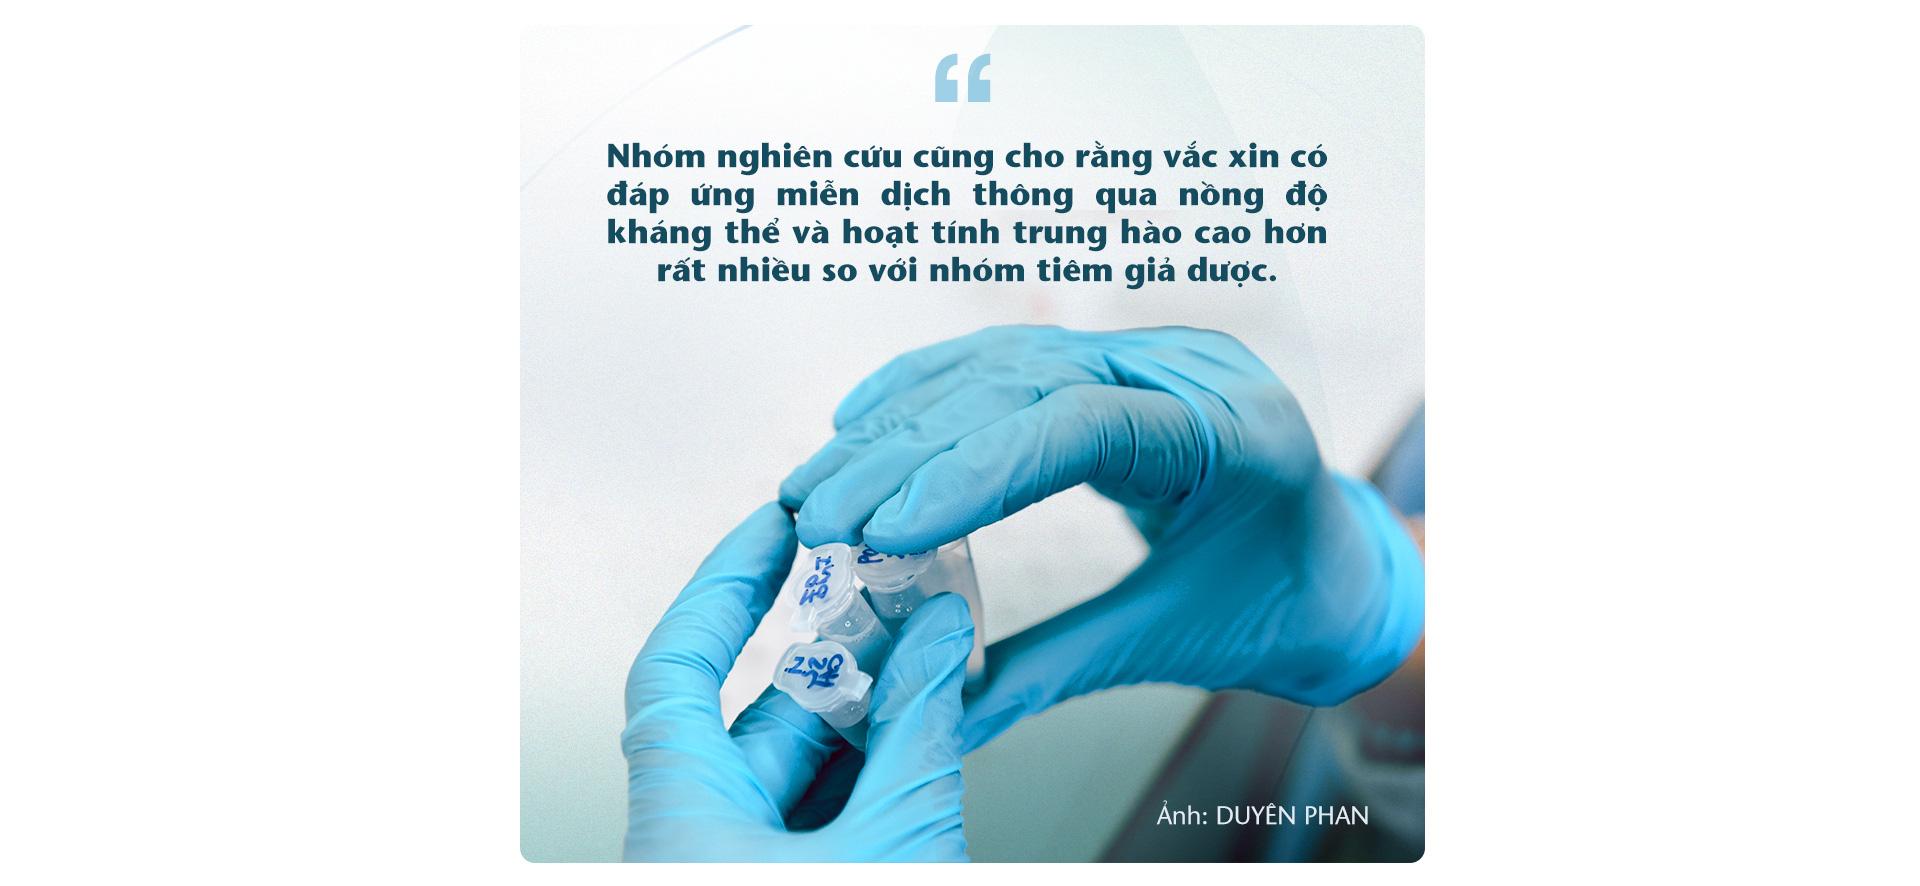 Hành trình vắc xin Việt - Ảnh 11.